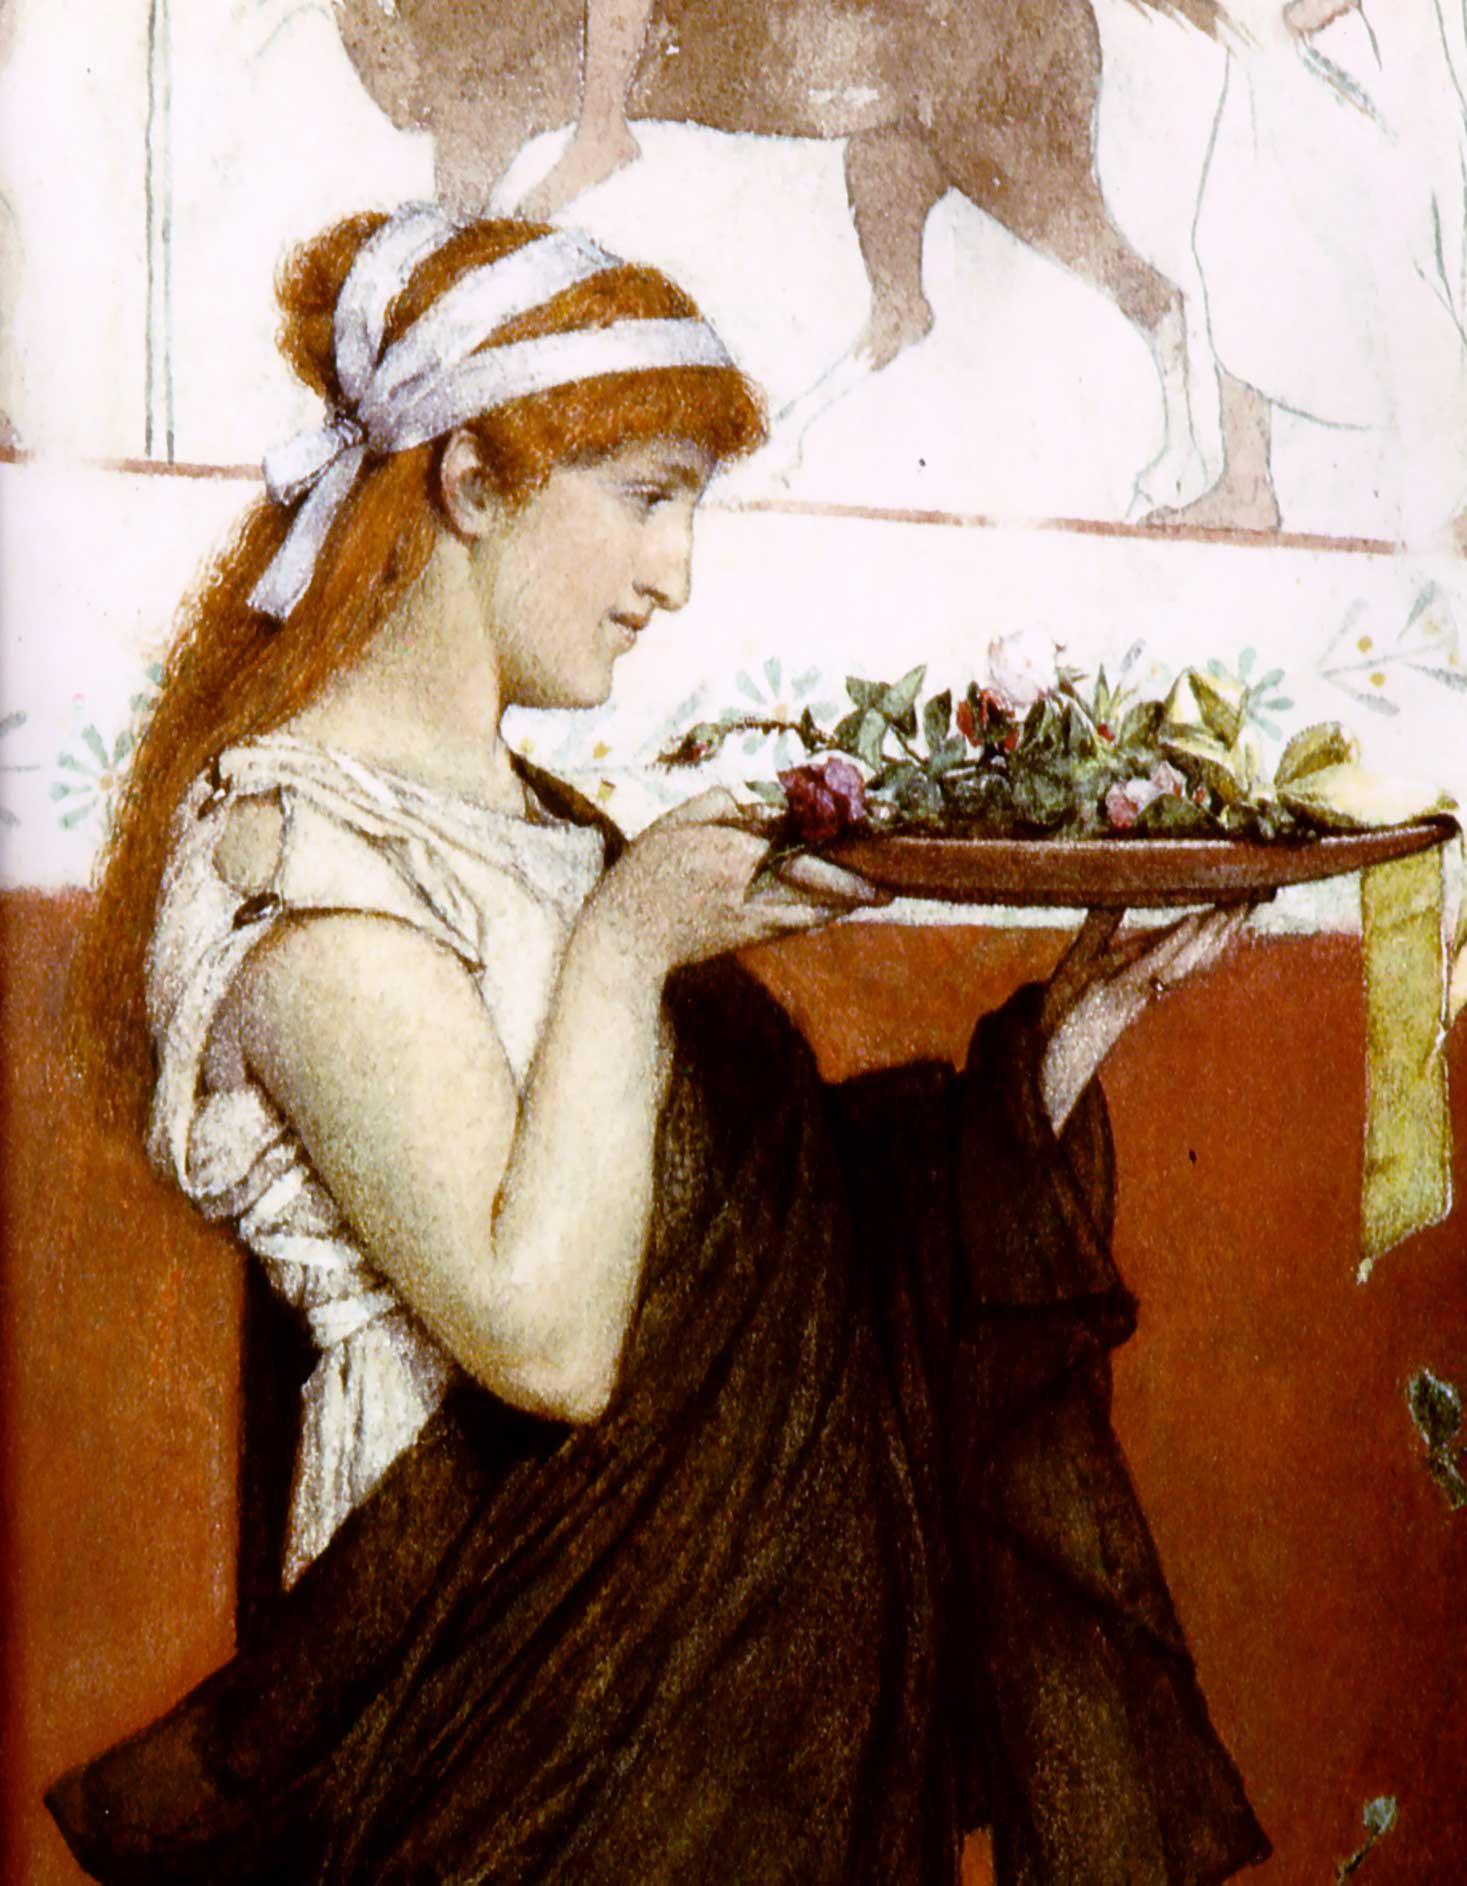 Votive offering, 1873